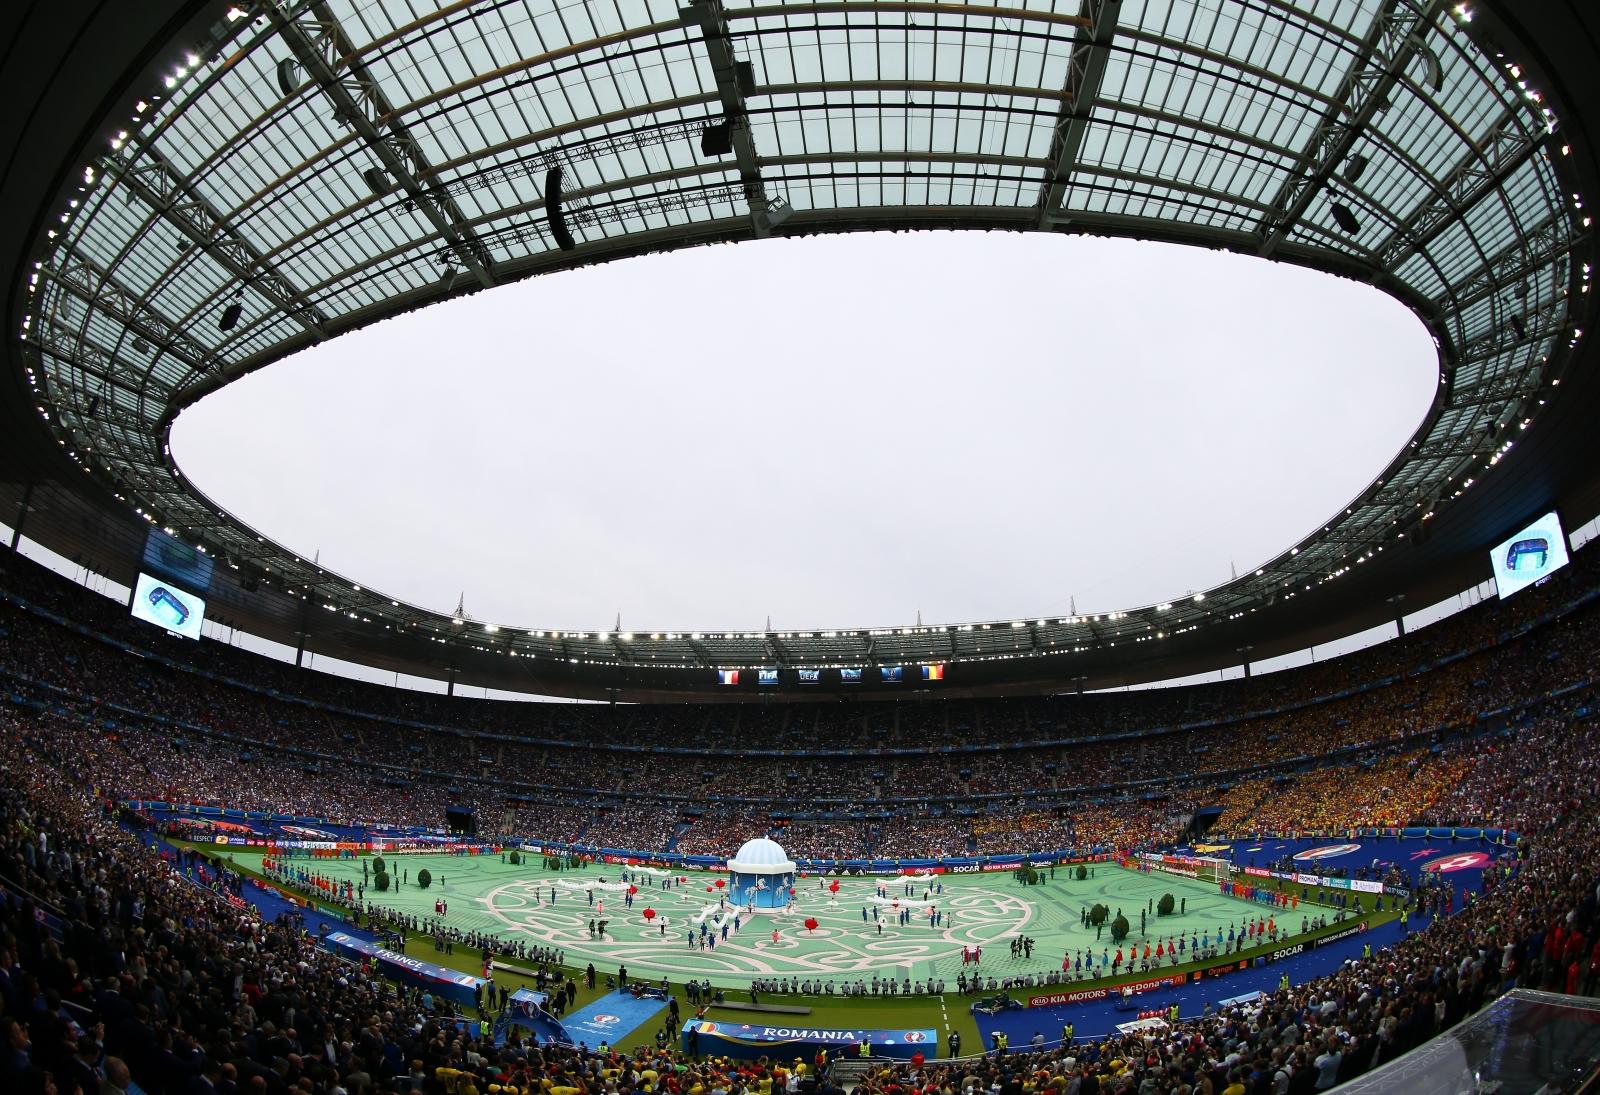 The scene inside the Stade de France